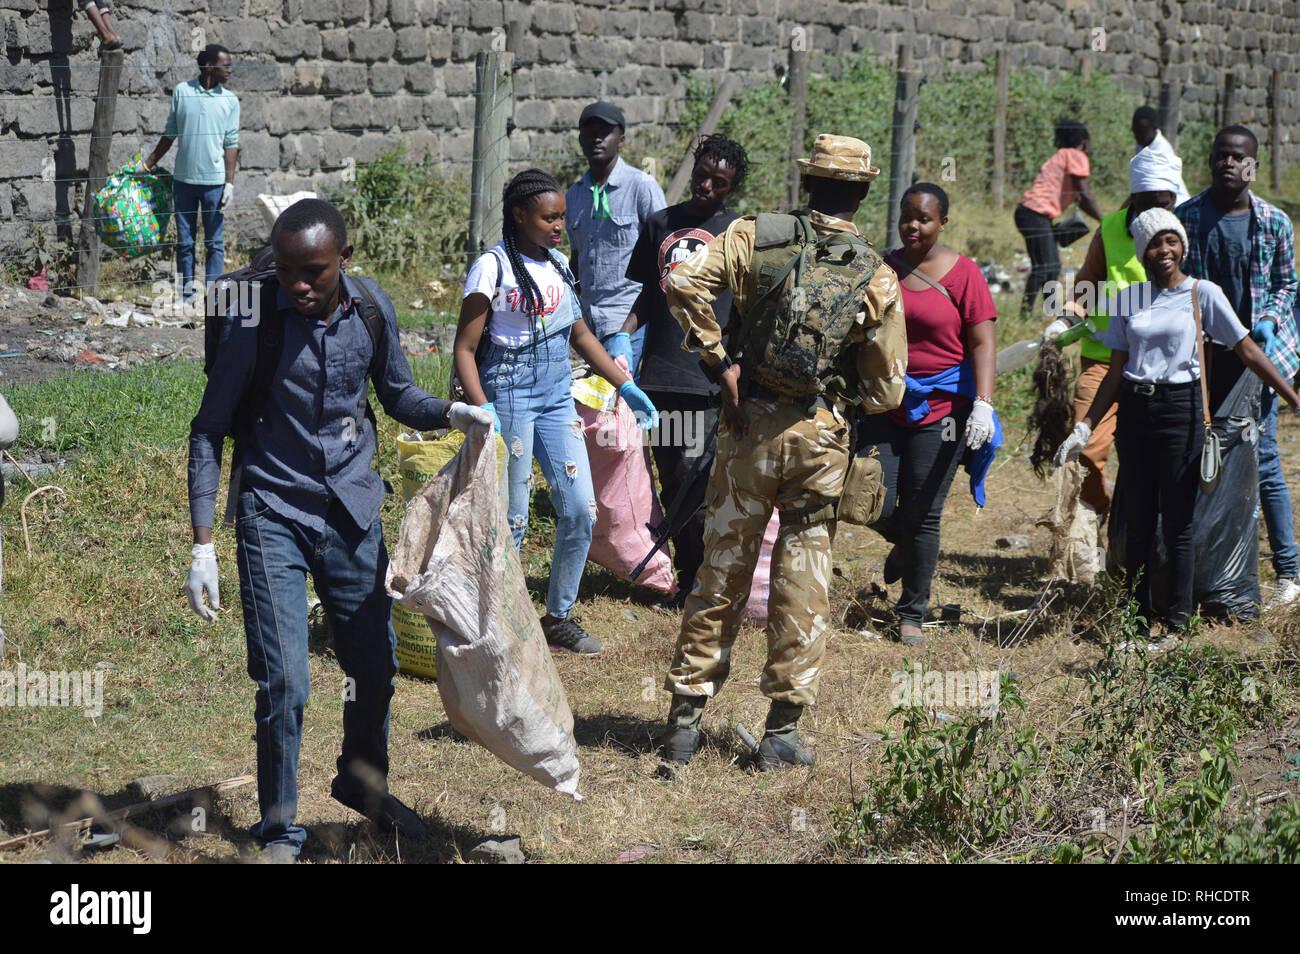 Kenya james datiert